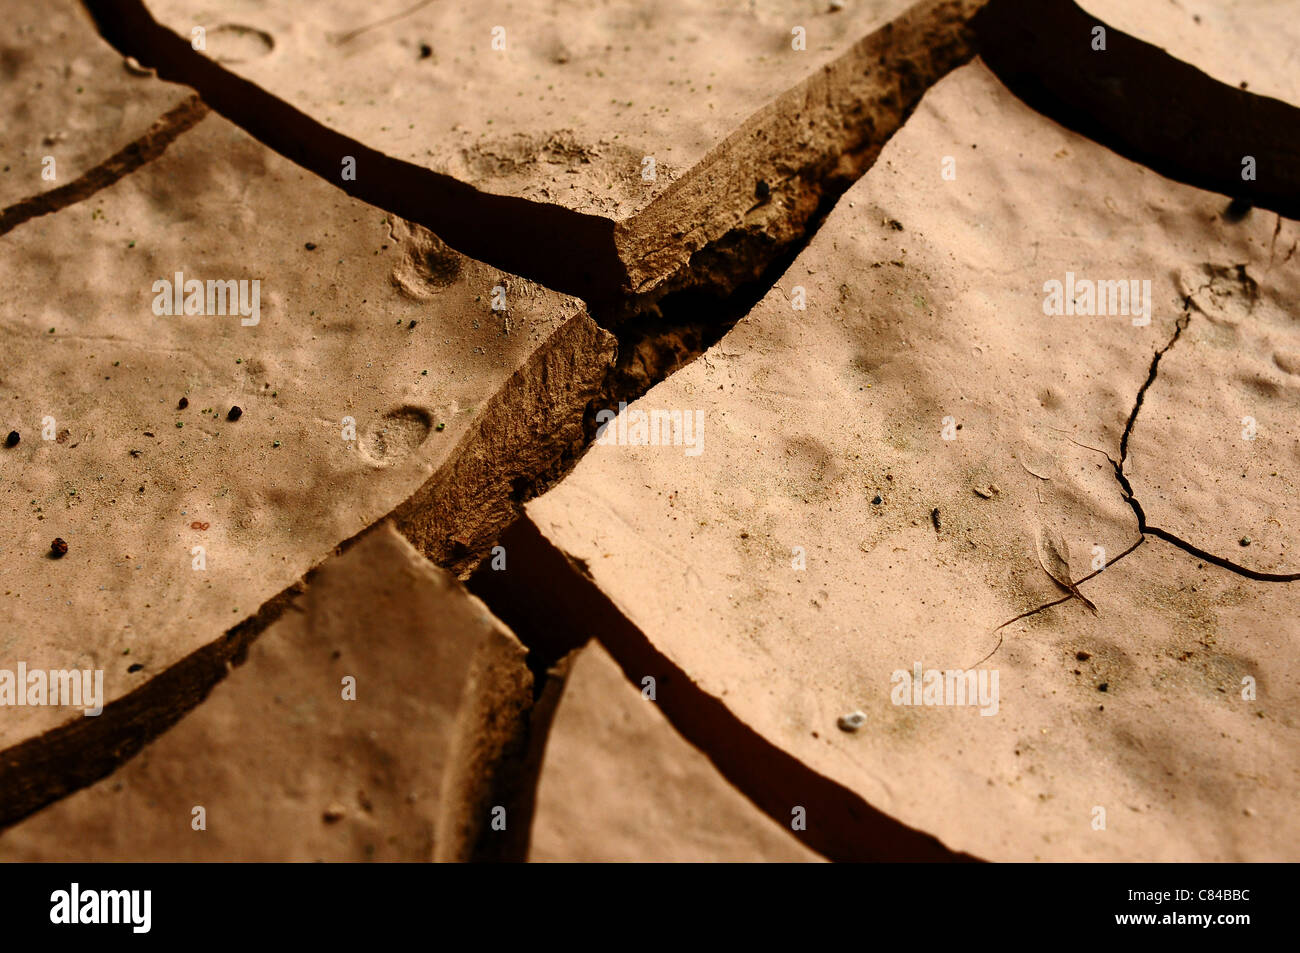 Primer plano de tierra seca y agrietada Imagen De Stock